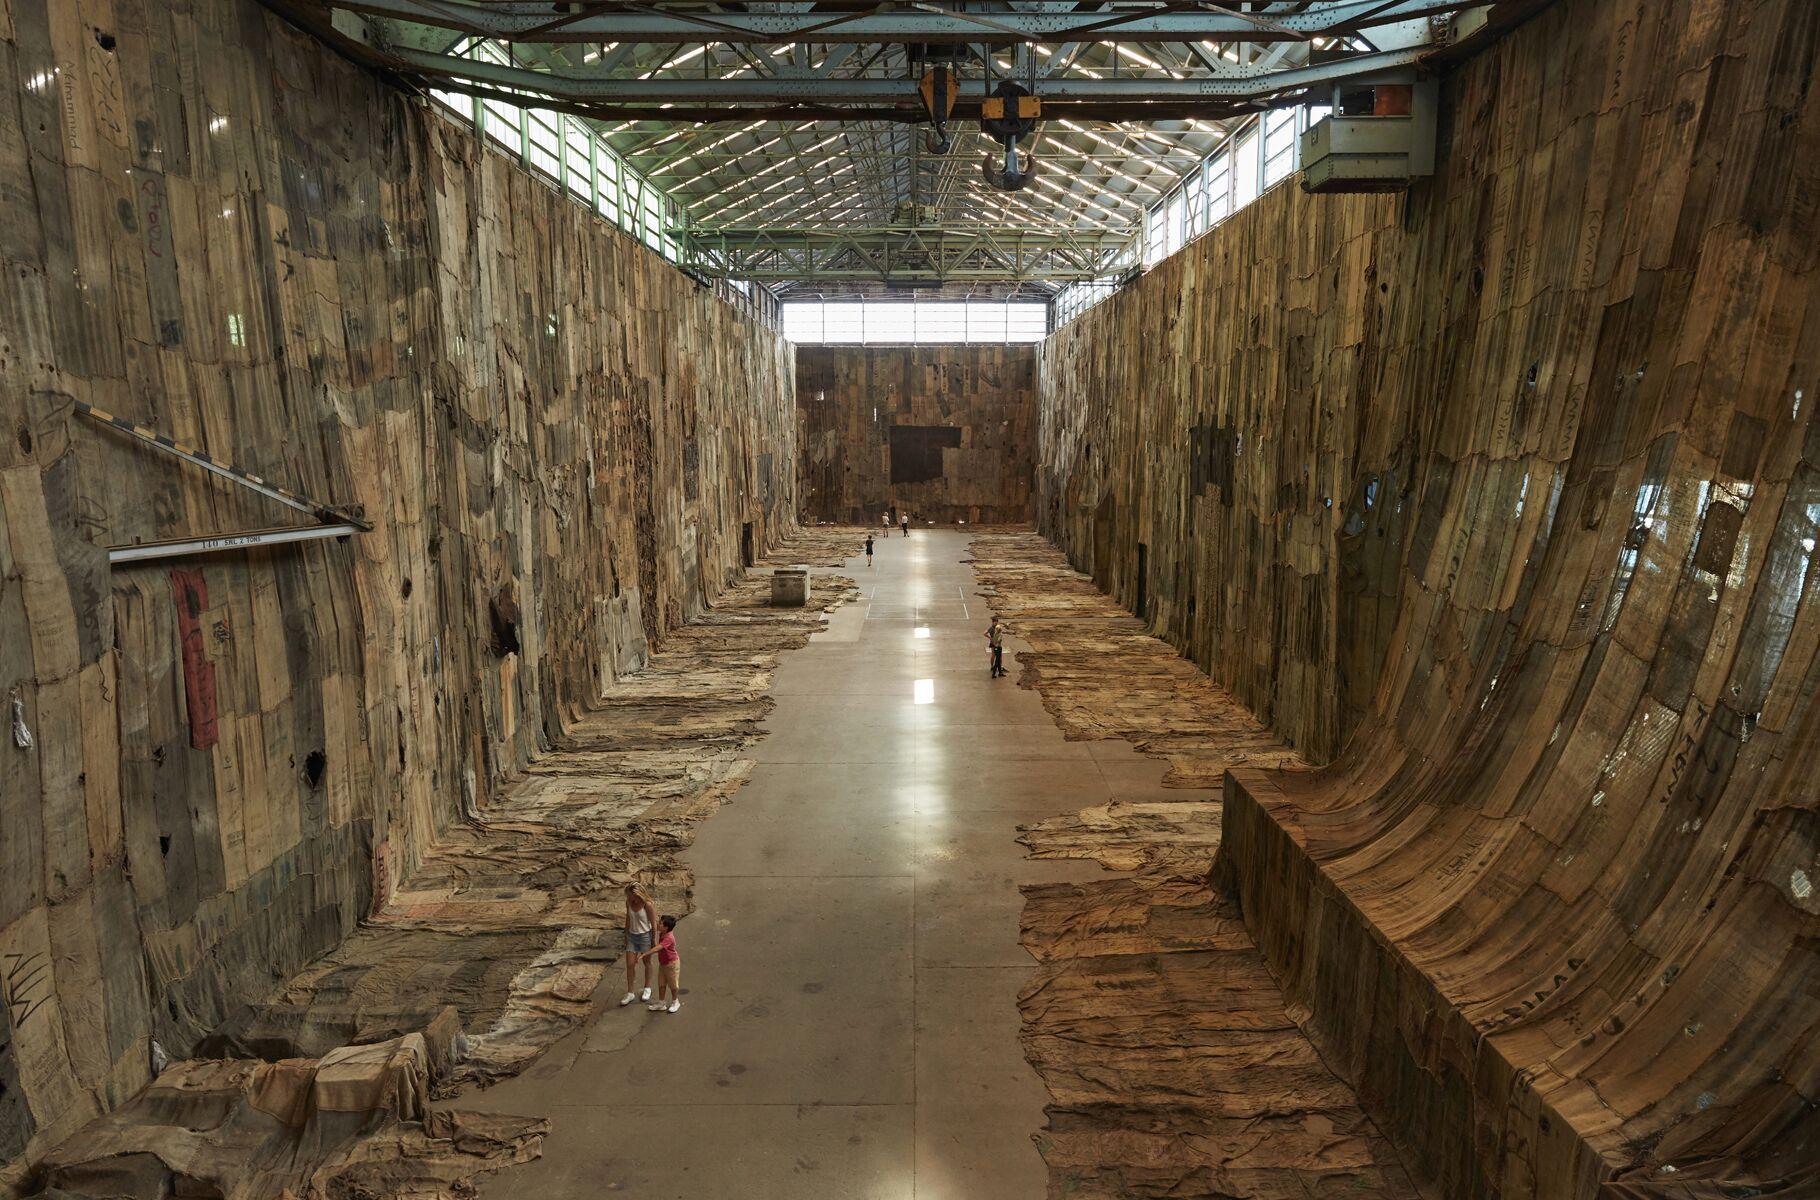 Arte che sfida i limiti. Via alla 22esima Biennale di Sydney, 101 artisti, 600 eventi e 700 opere in città